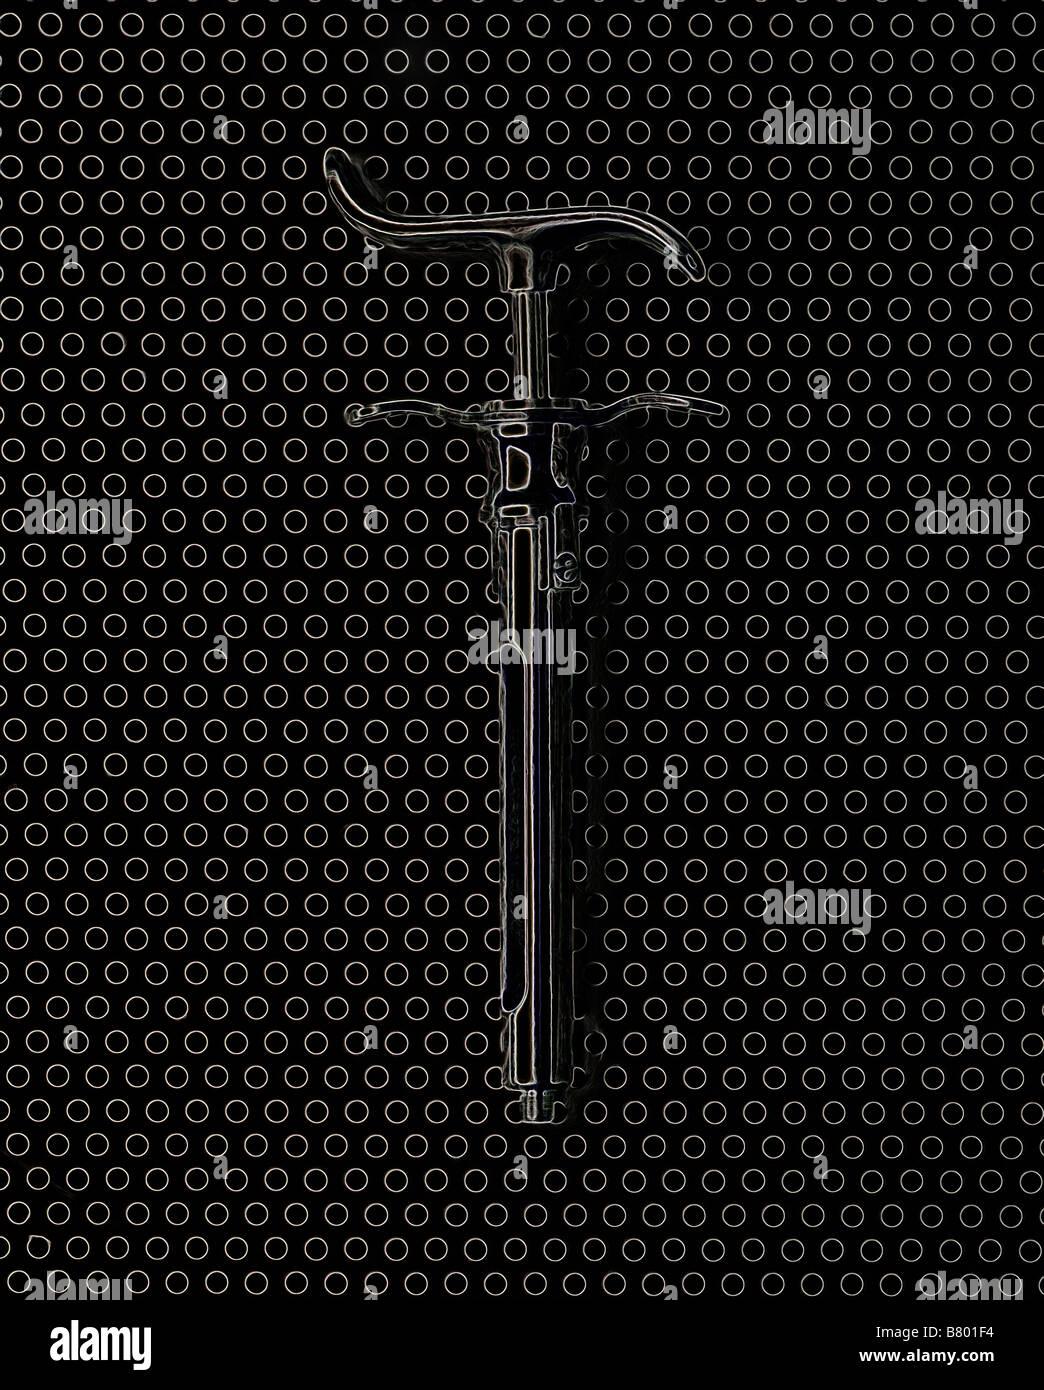 Syringe - Stock Image